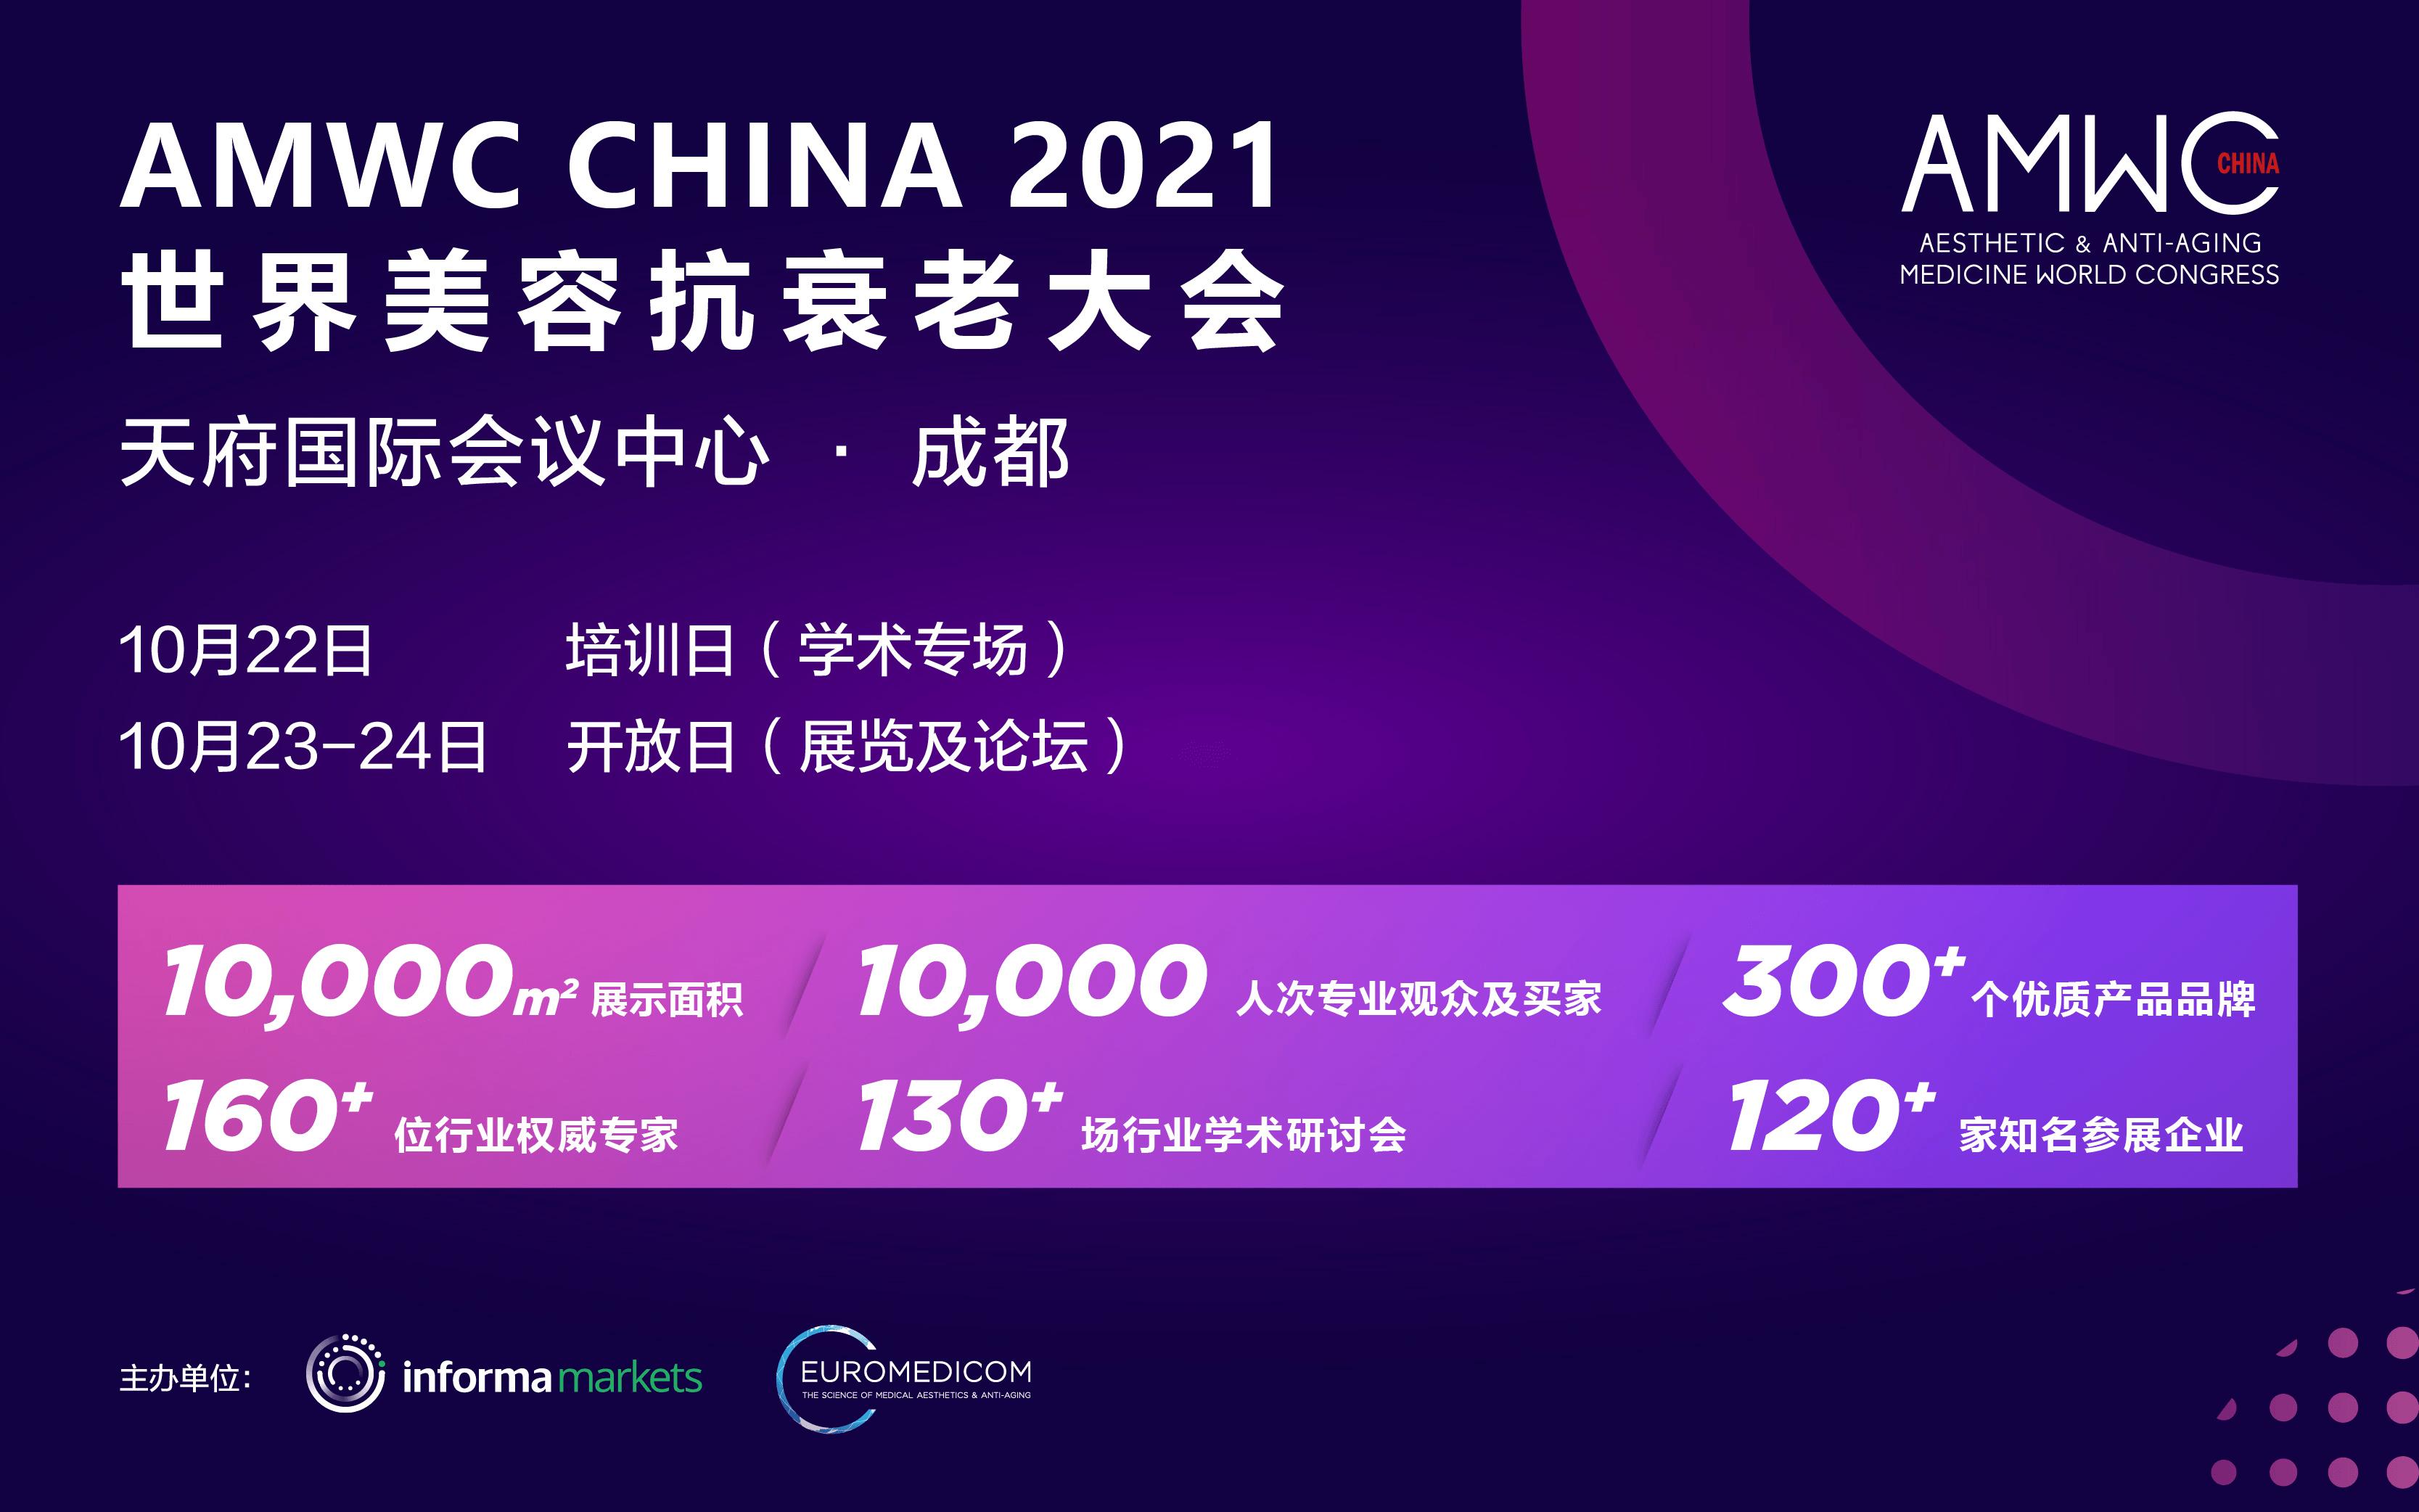 AMWC CHINA 2021 世界美容抗衰老大会